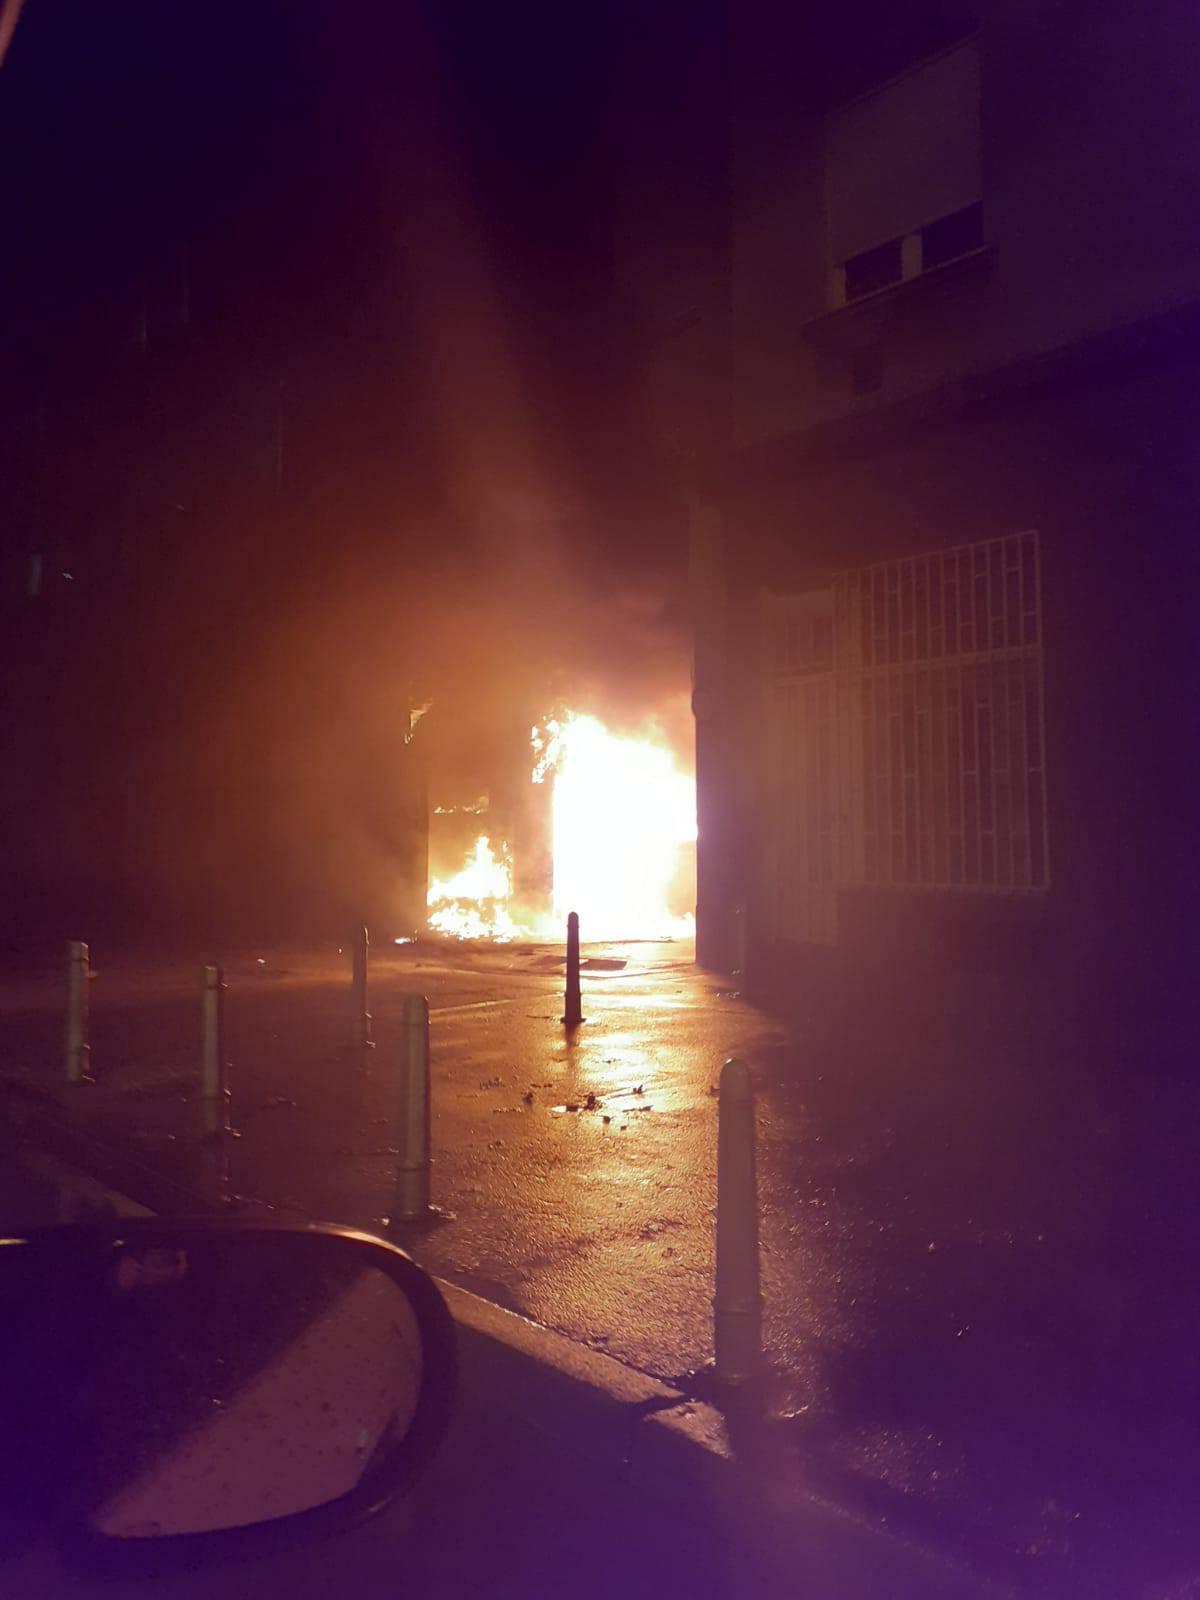 Izgorjeli kontejneri i dio fasade zgrade: 'Požar je bio jako velik'